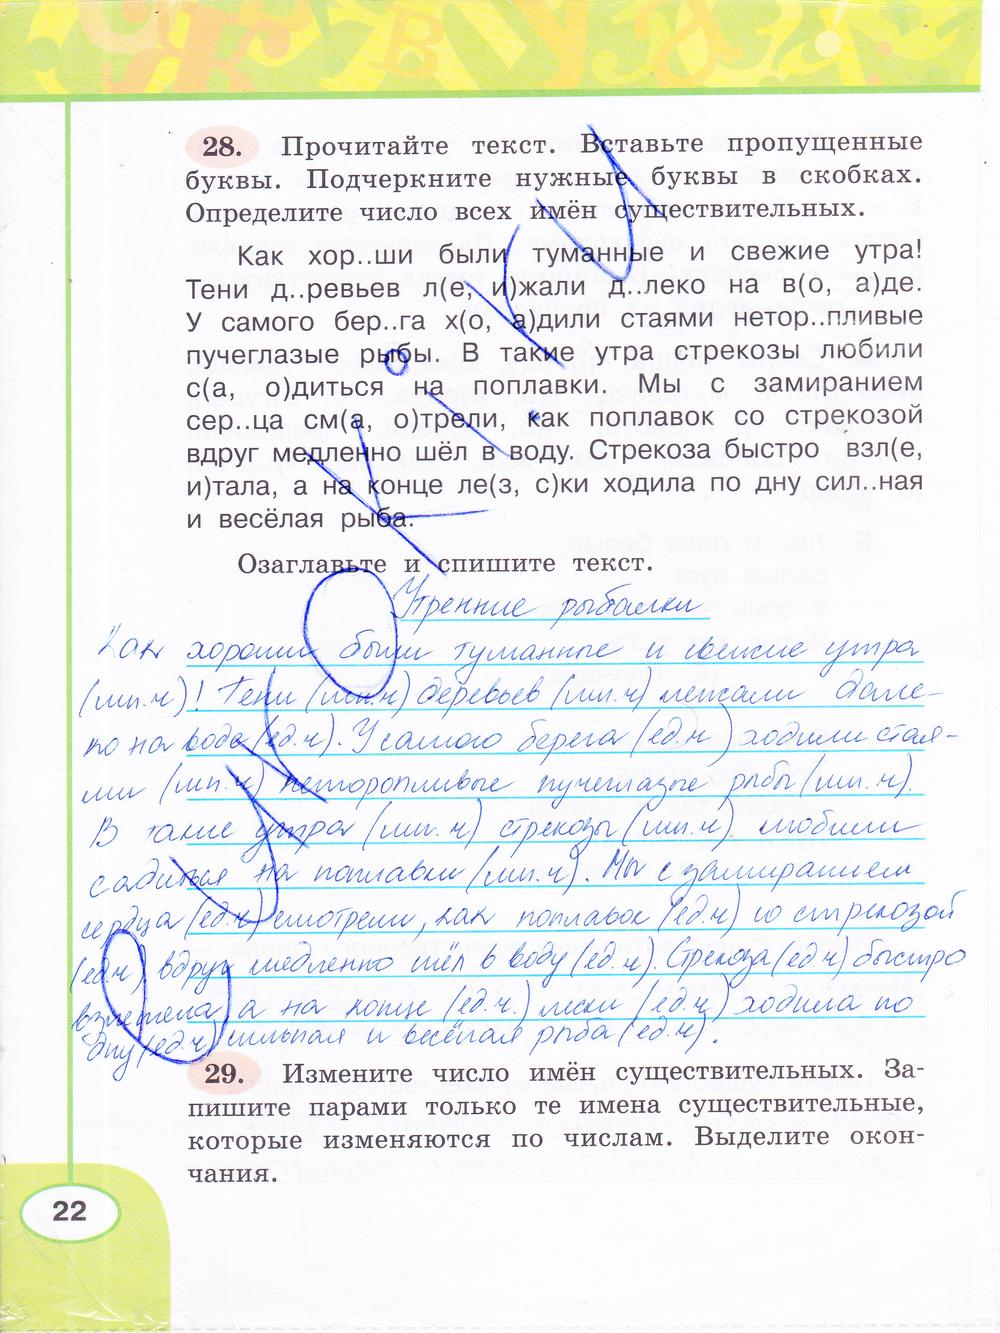 русский бабушкина рабочая язык класс тетрадь 1 часть гдз климанова 2